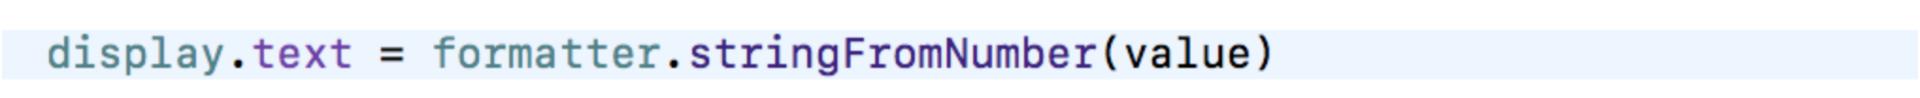 Переходим на Swift 3 с помощью миграционного «робота» в Xcode 8.1 и 8.2 - 20